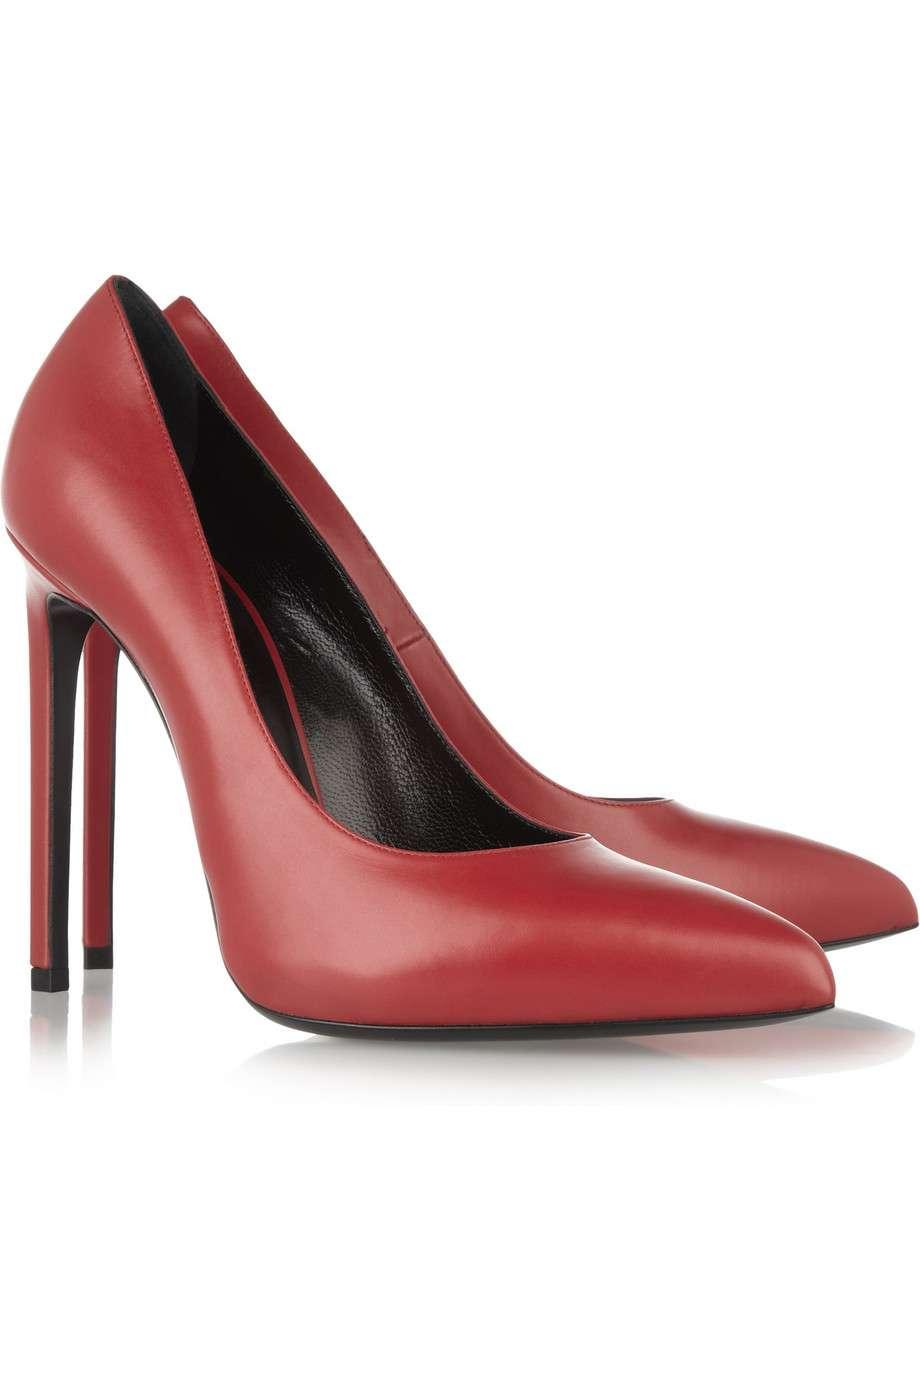 zapatos de mujer baratos 2017 rebajas y descuentos